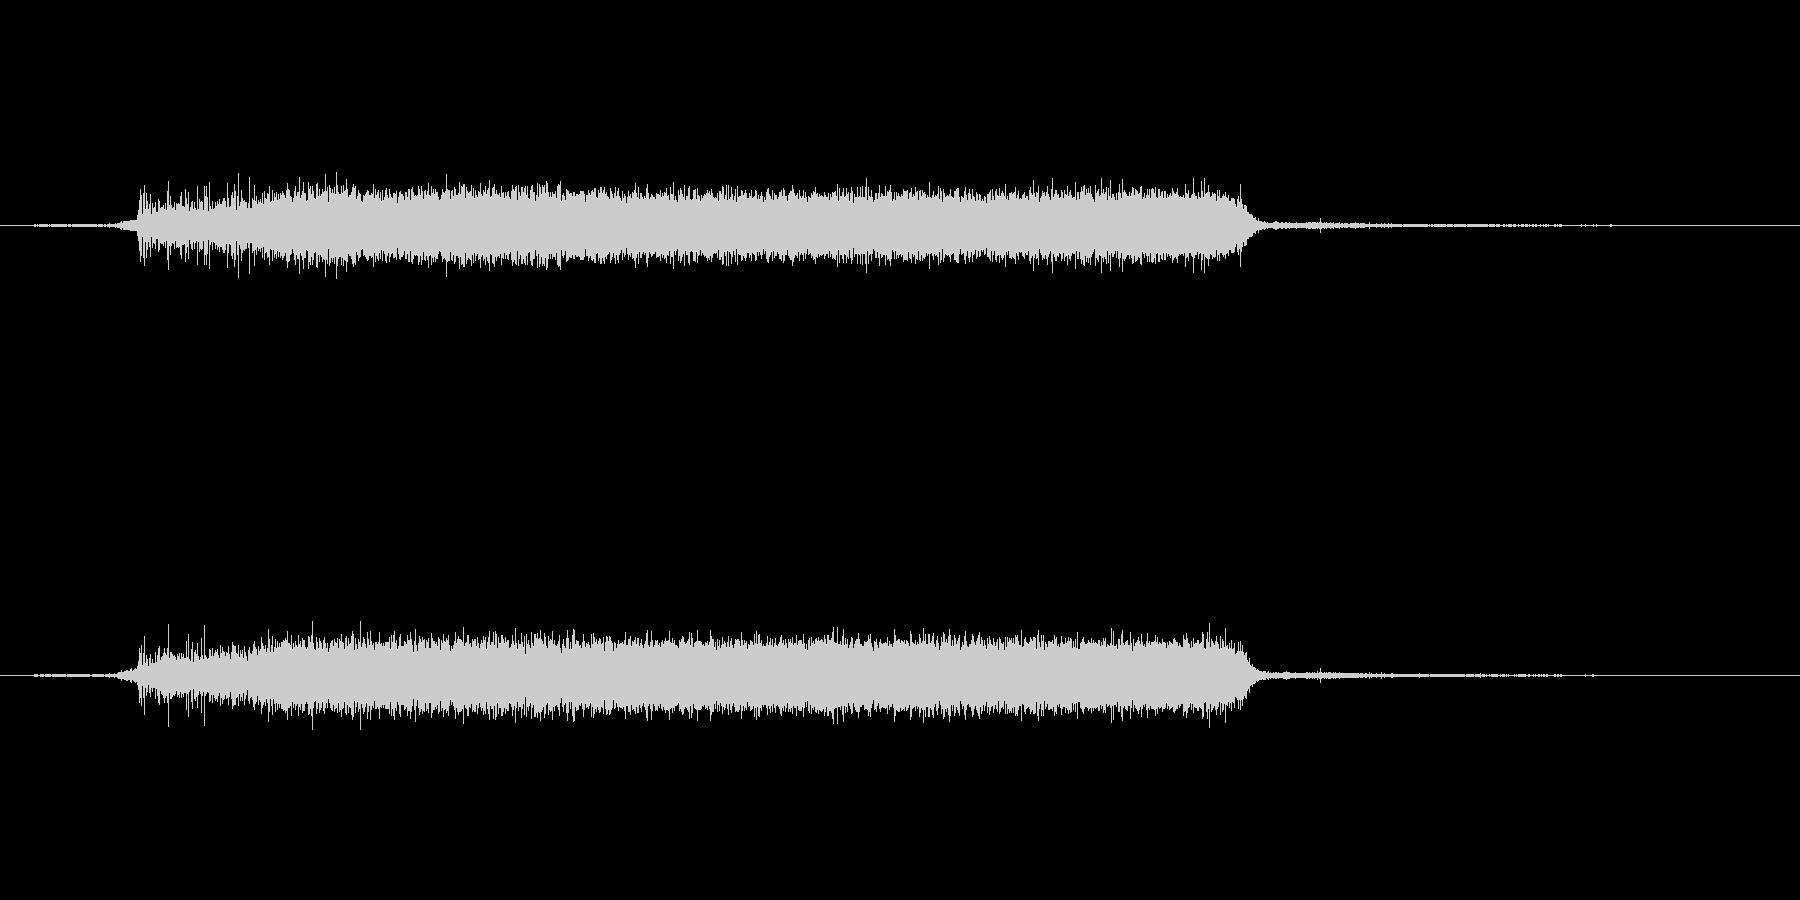 生活音 - 家の中 - 鍋に水を貯めるの未再生の波形